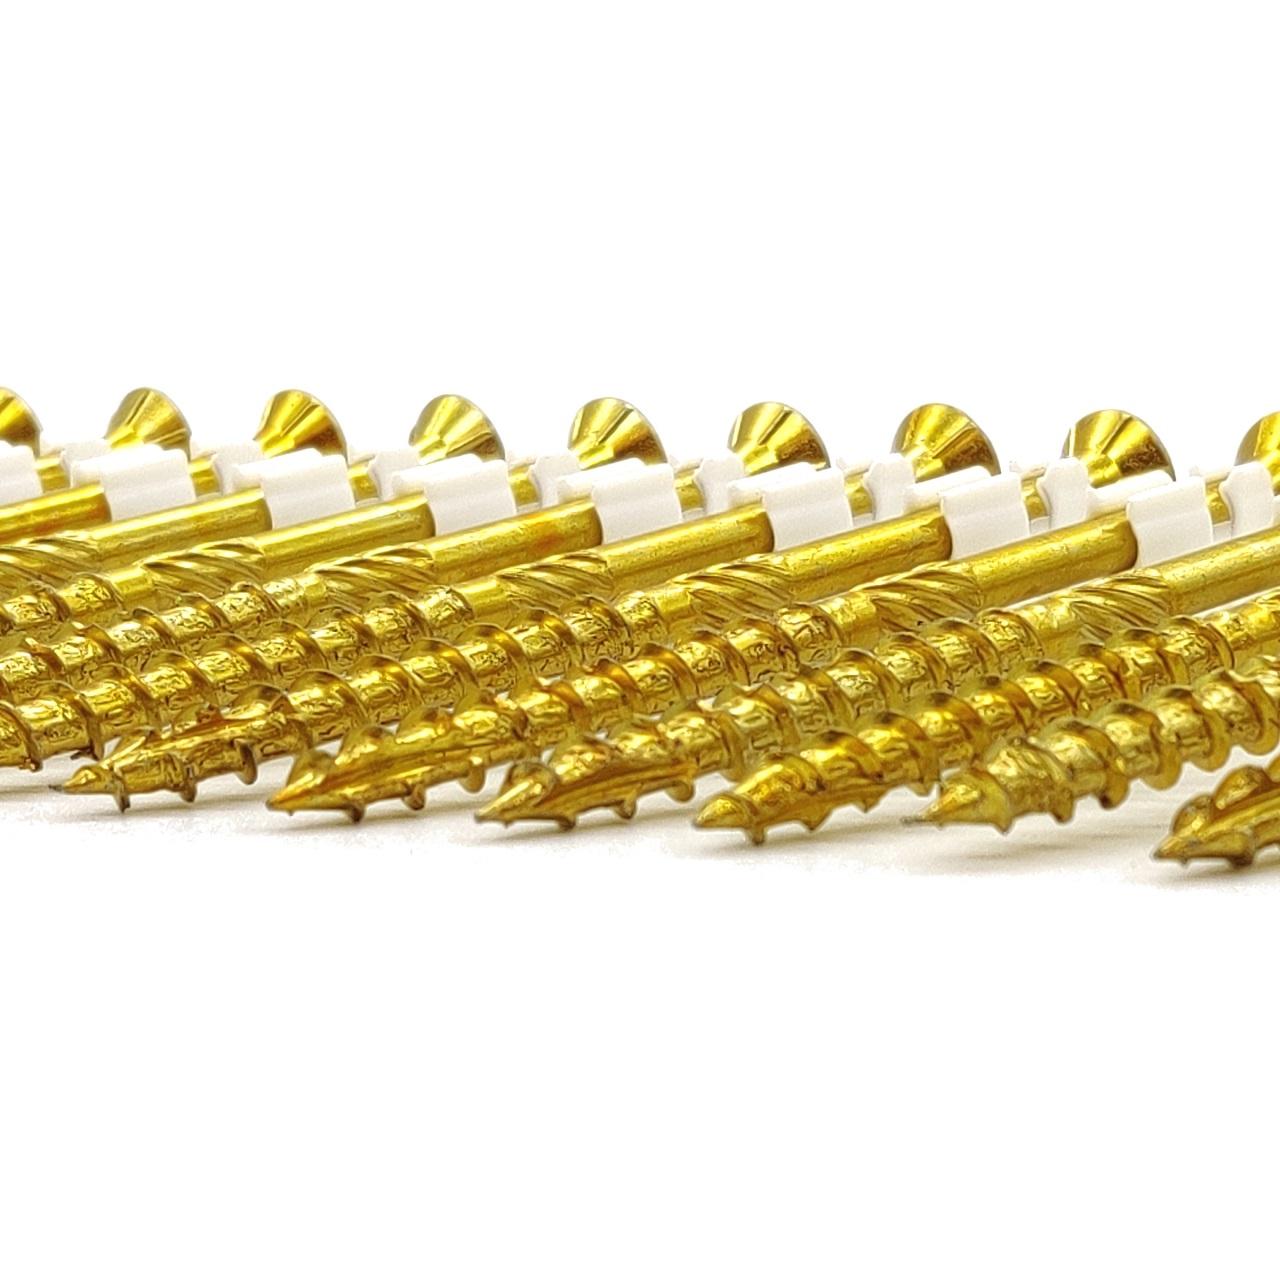 adunox-ONE-XL adunox-SuperUni Holzschrauben   gelb verzinkt   6,0x140